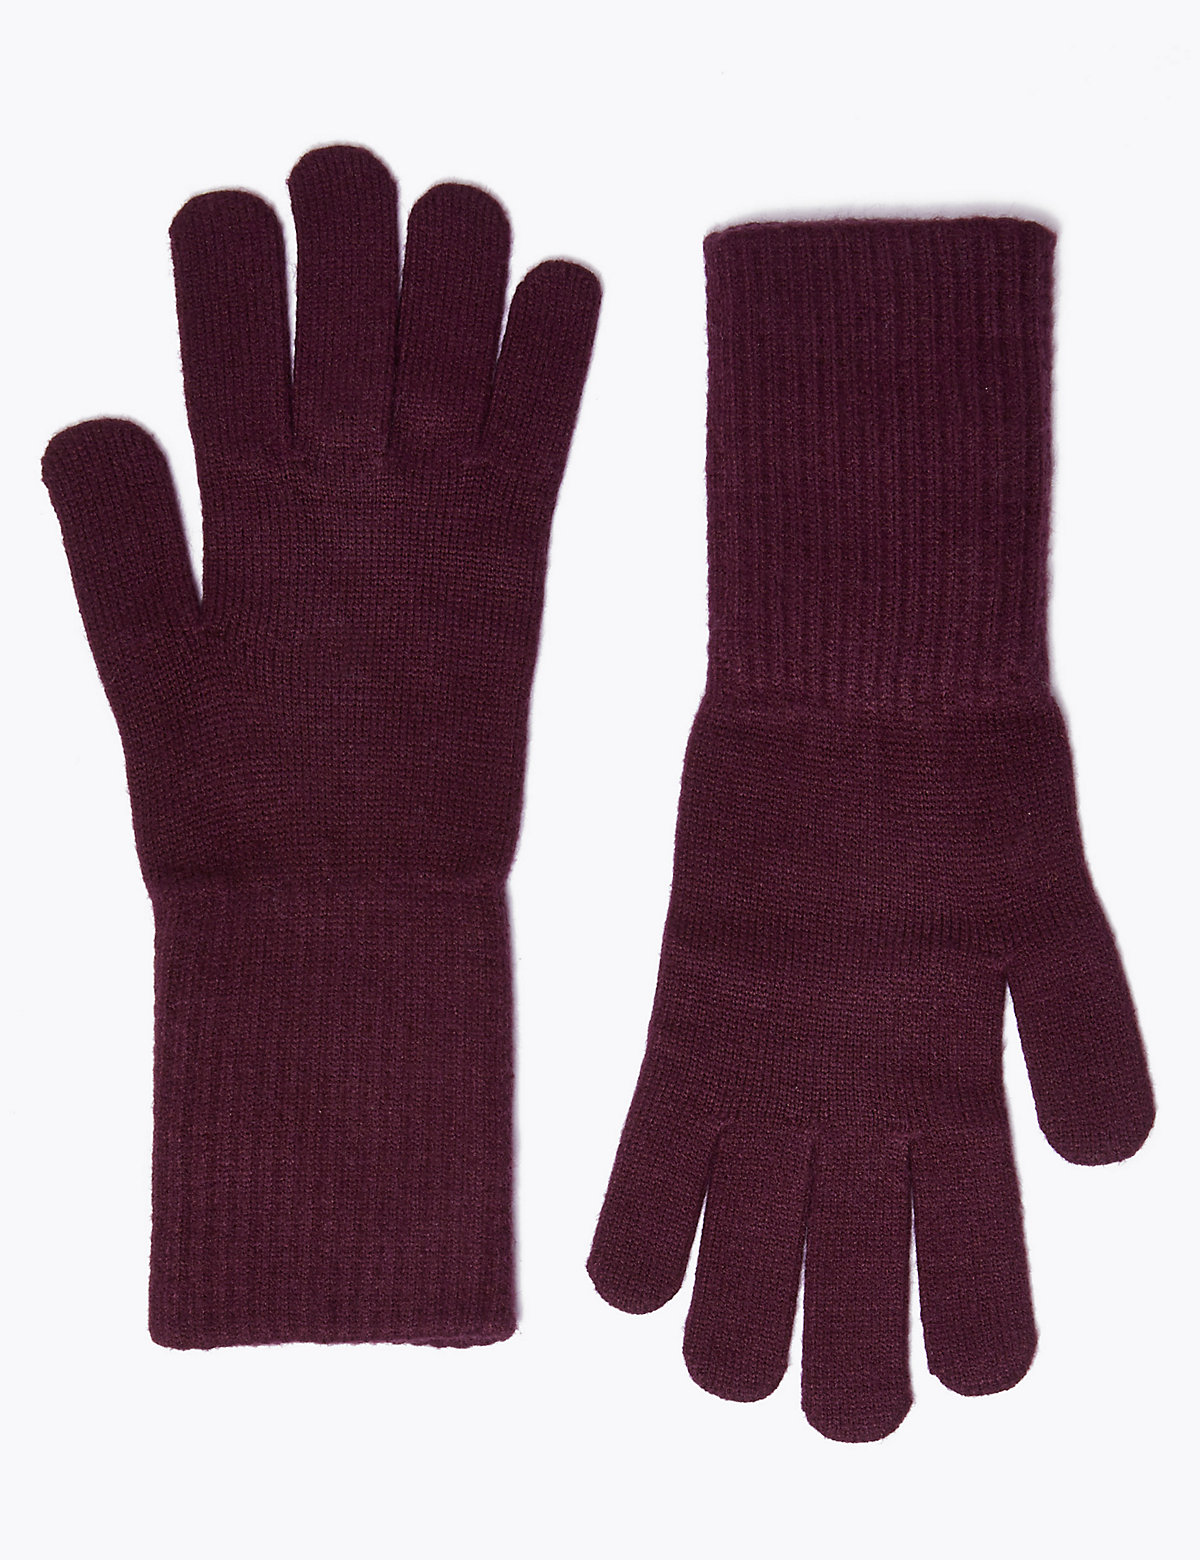 Вязаные перчатки с длинной манжетой